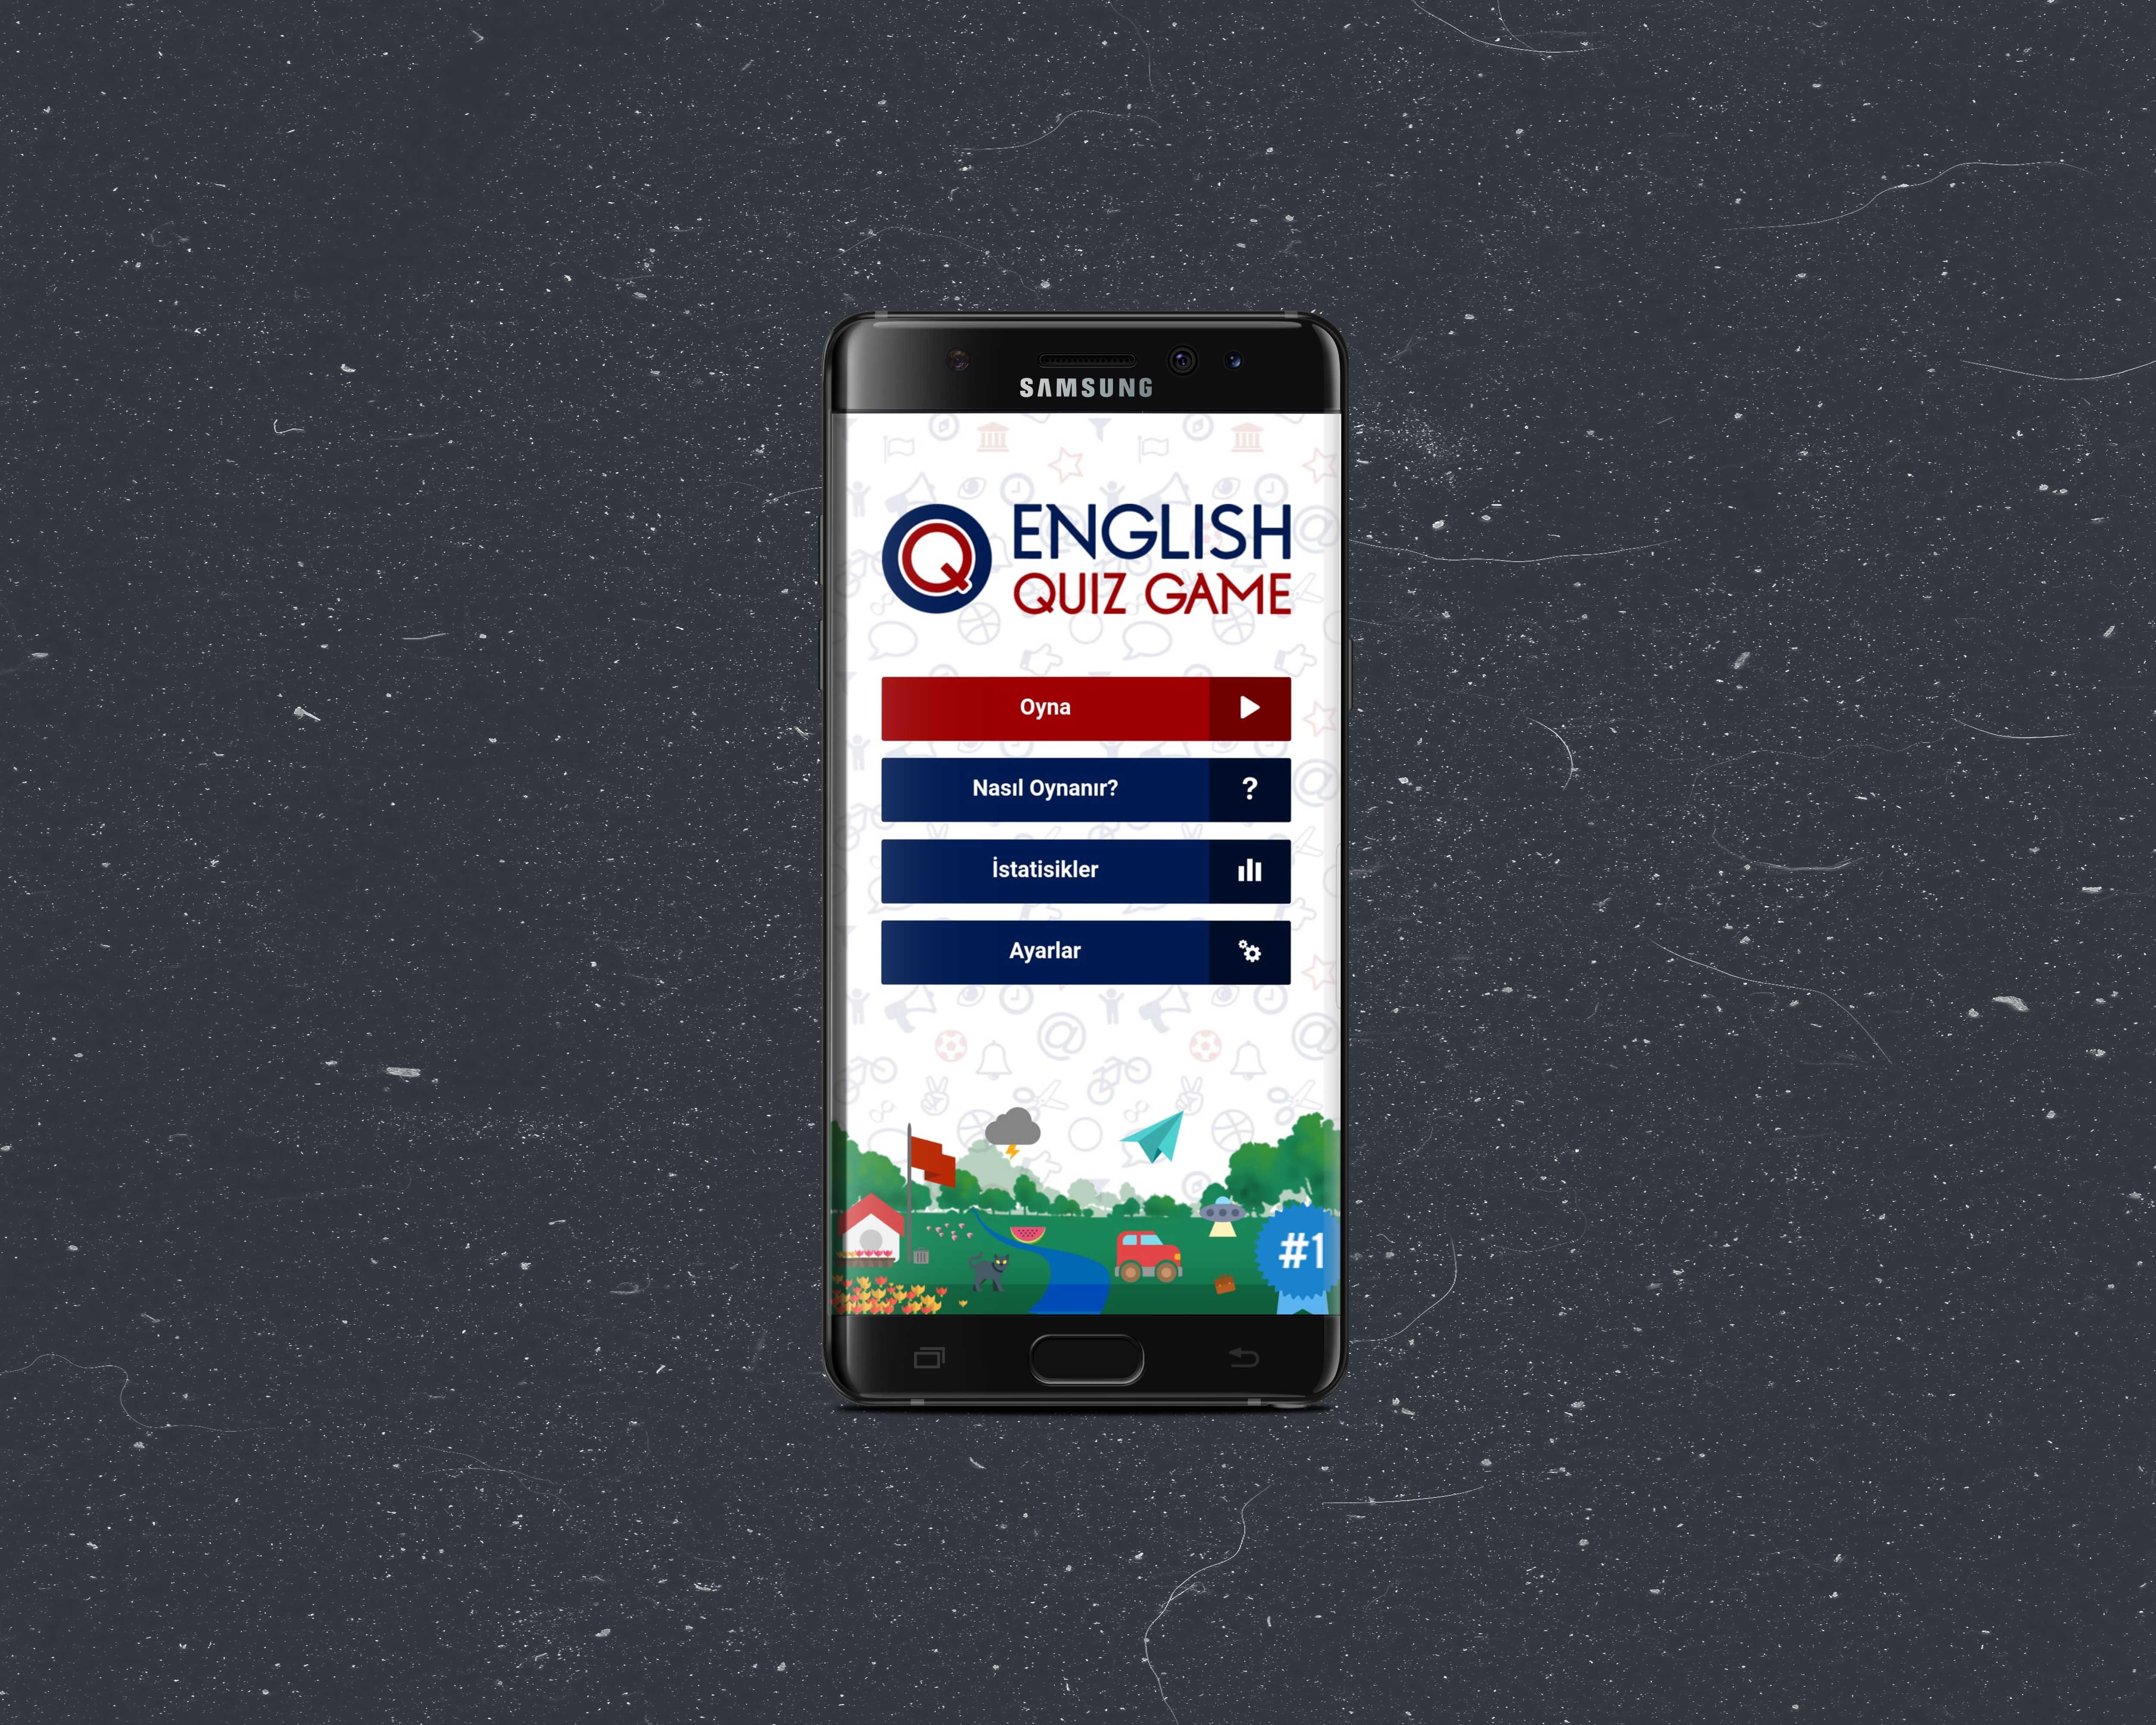 English Quiz Game